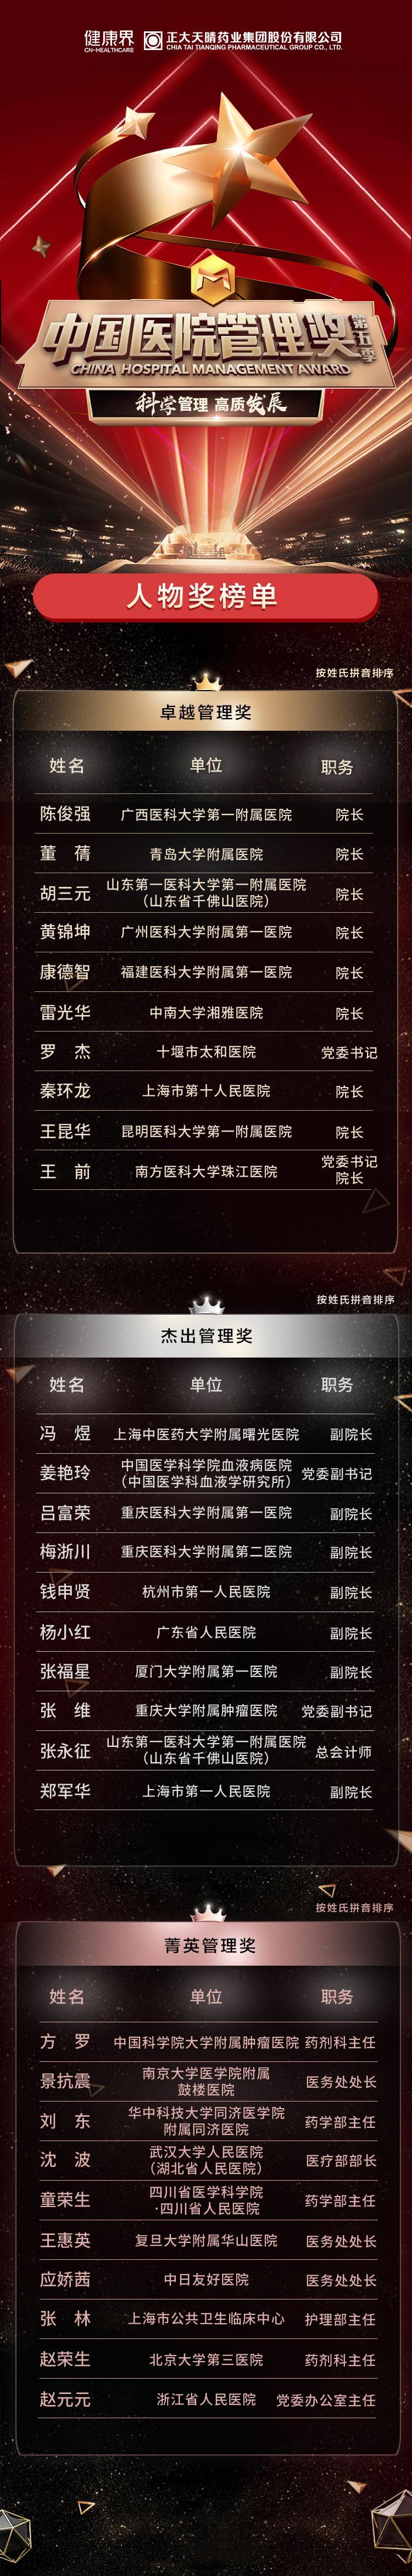 第五季中国医院管理奖——人物奖榜单揭晓